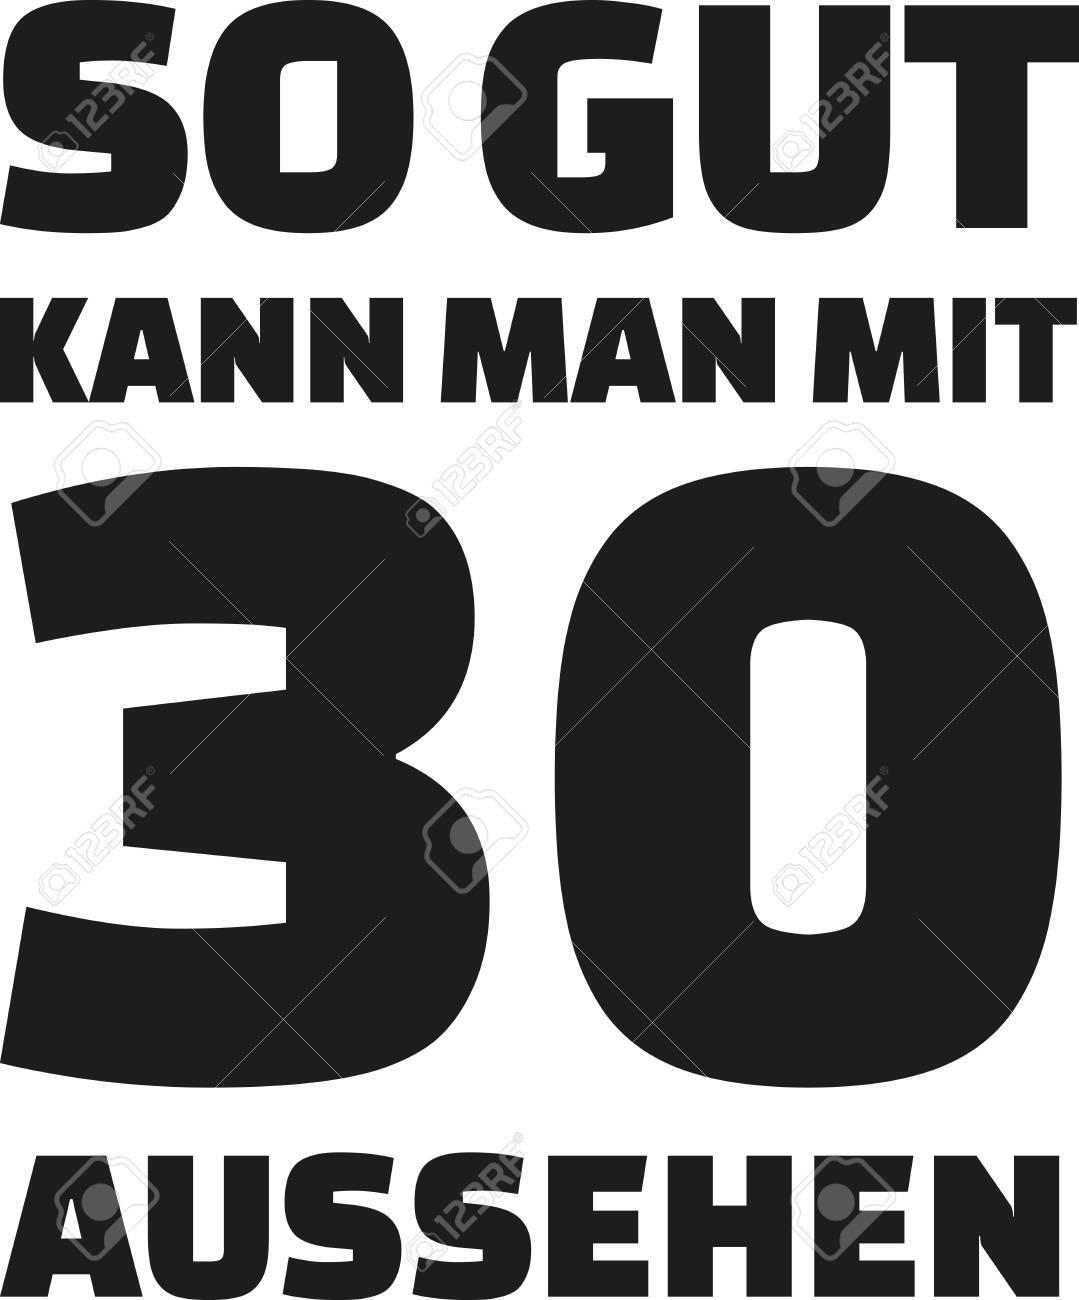 30ème Anniversaire Allemand Voici Comment Bon Vous Pouvez Regarder Avec 30 Ans